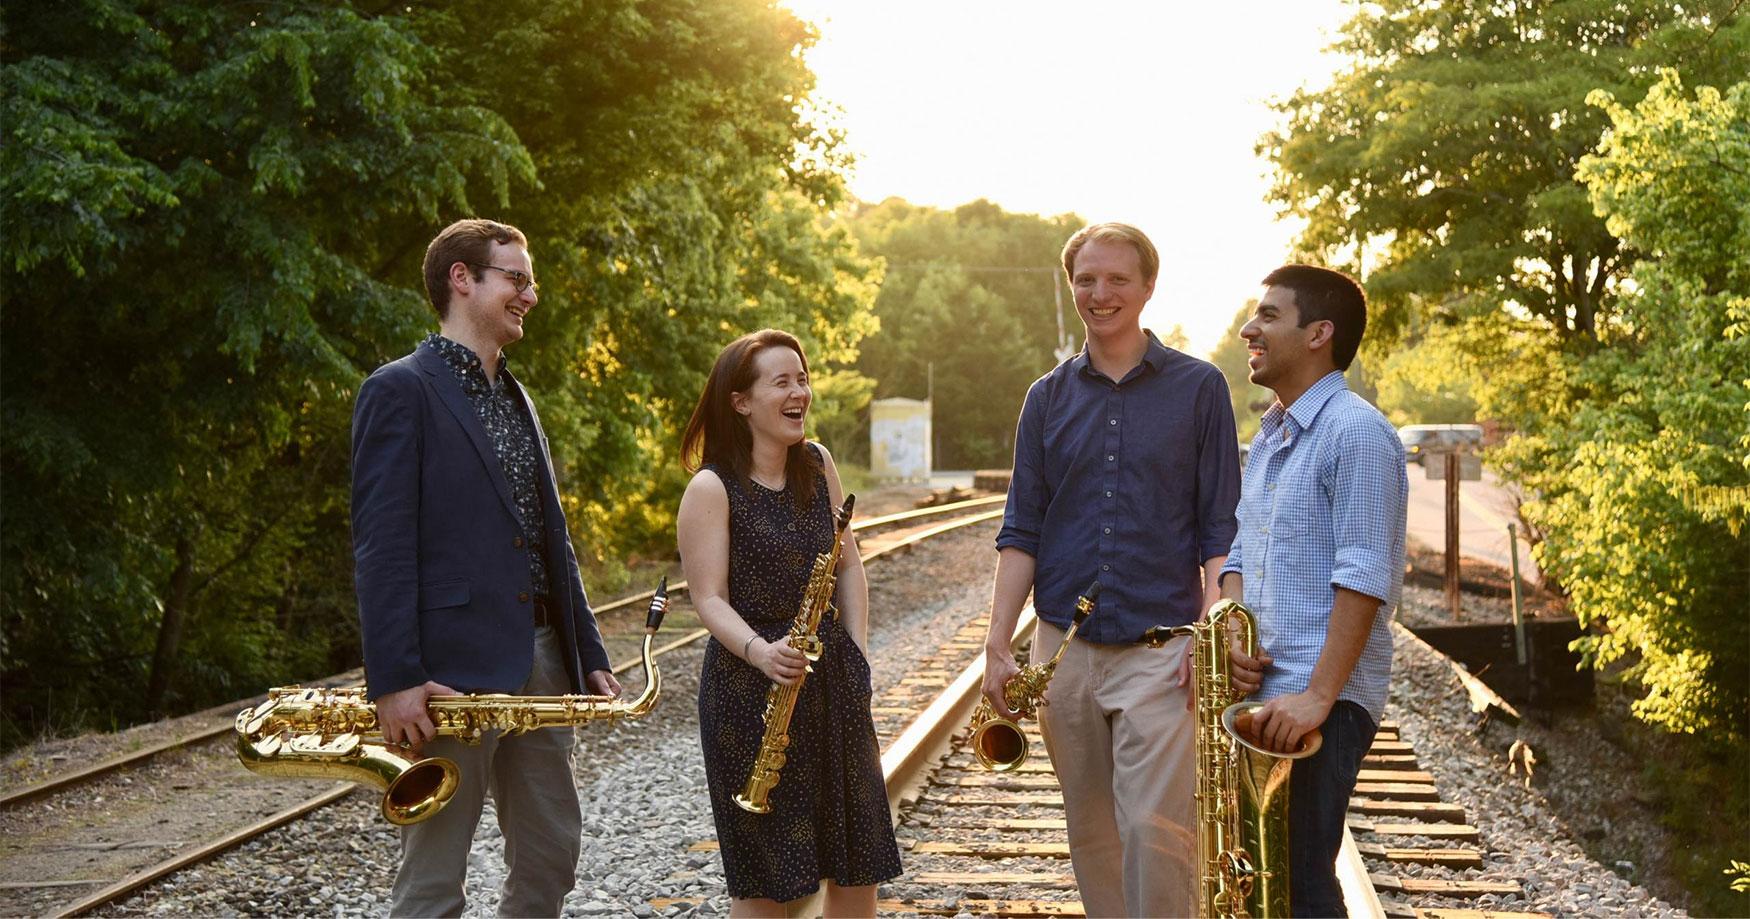 Fuego Quartet